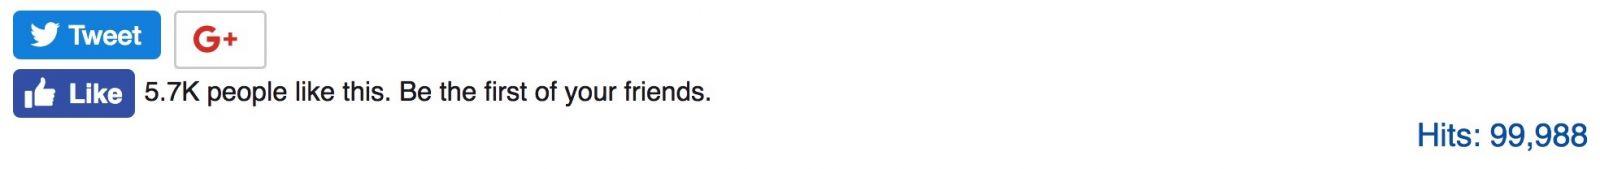 """Дэвид Уилкок. Космическое Раскрытие: """"Потрясающие новые брифинги: Массовые обвинения, целевые аресты и Раскрытие"""" 387_2"""